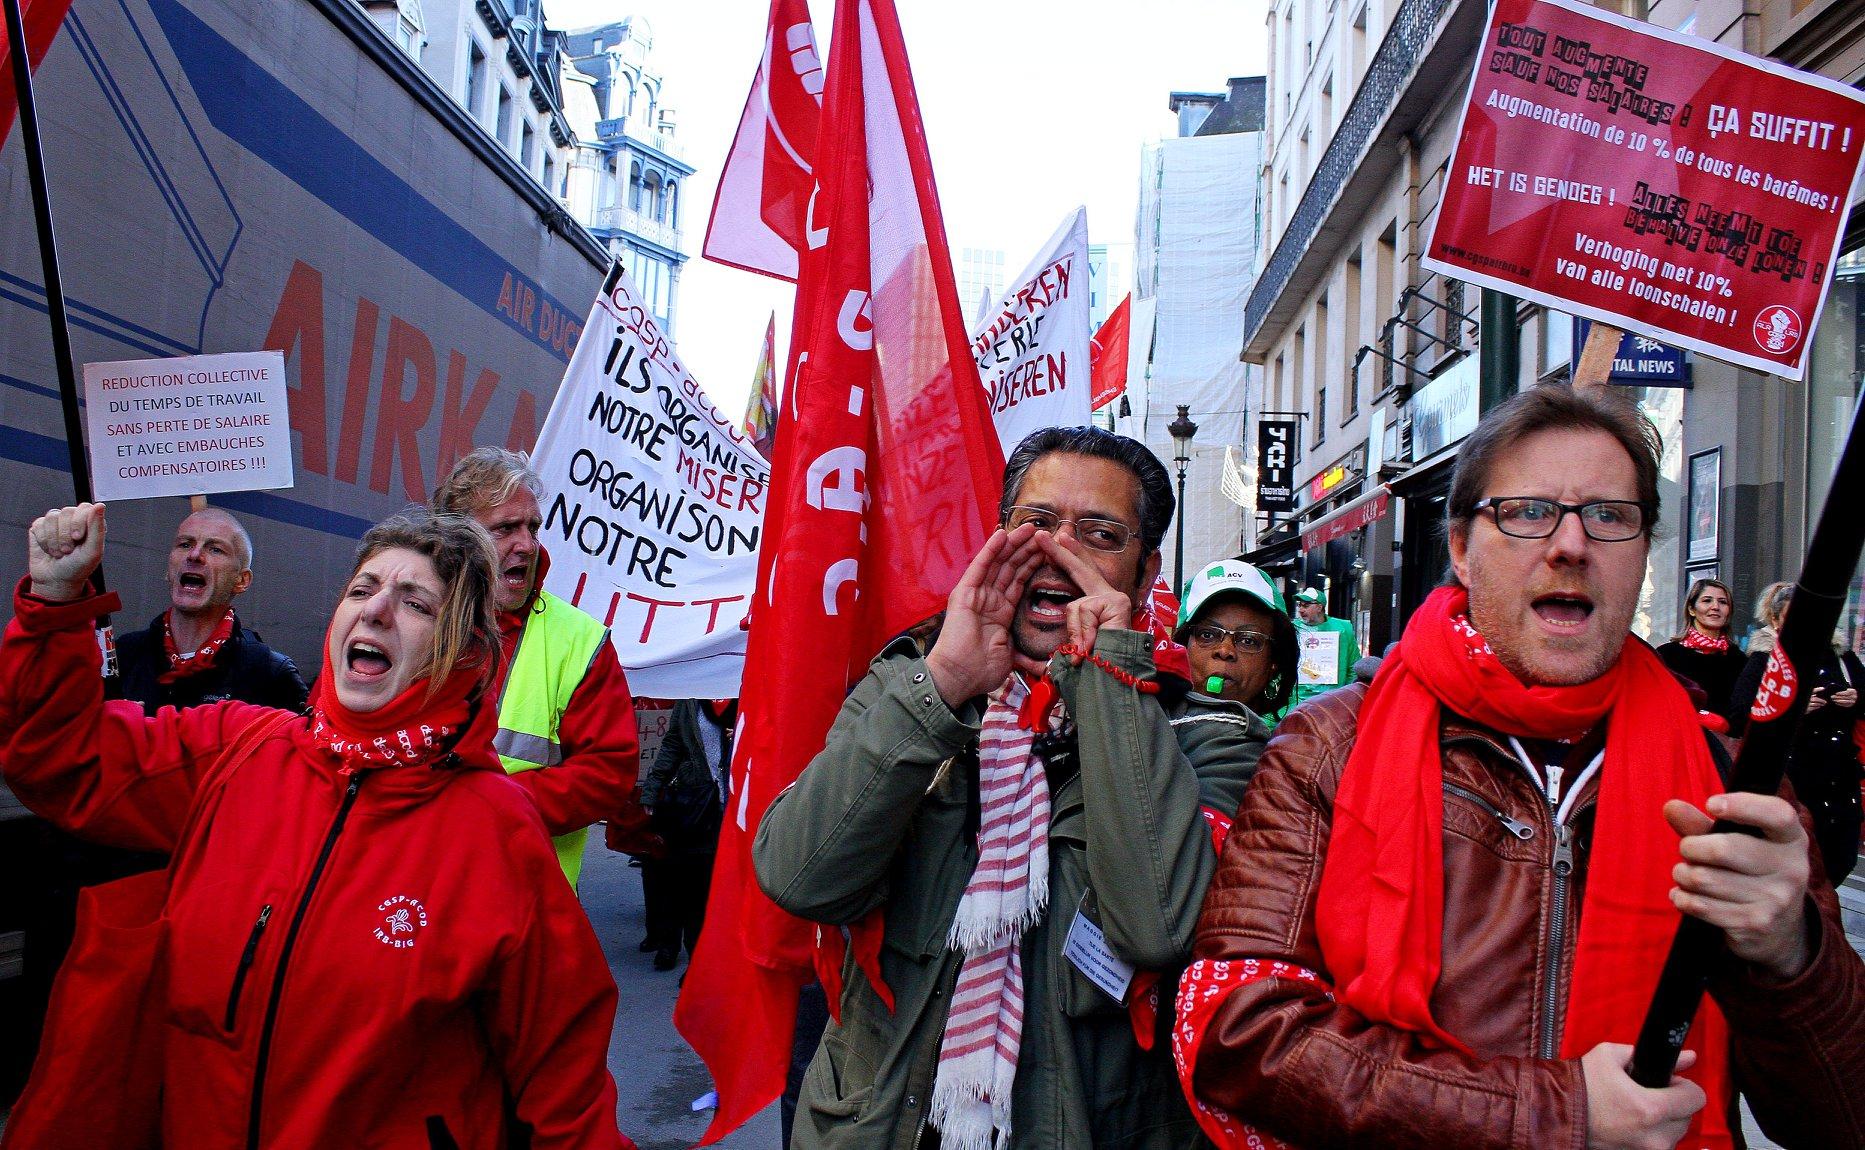 Brussels gemeentepersoneel staakt en betoogt